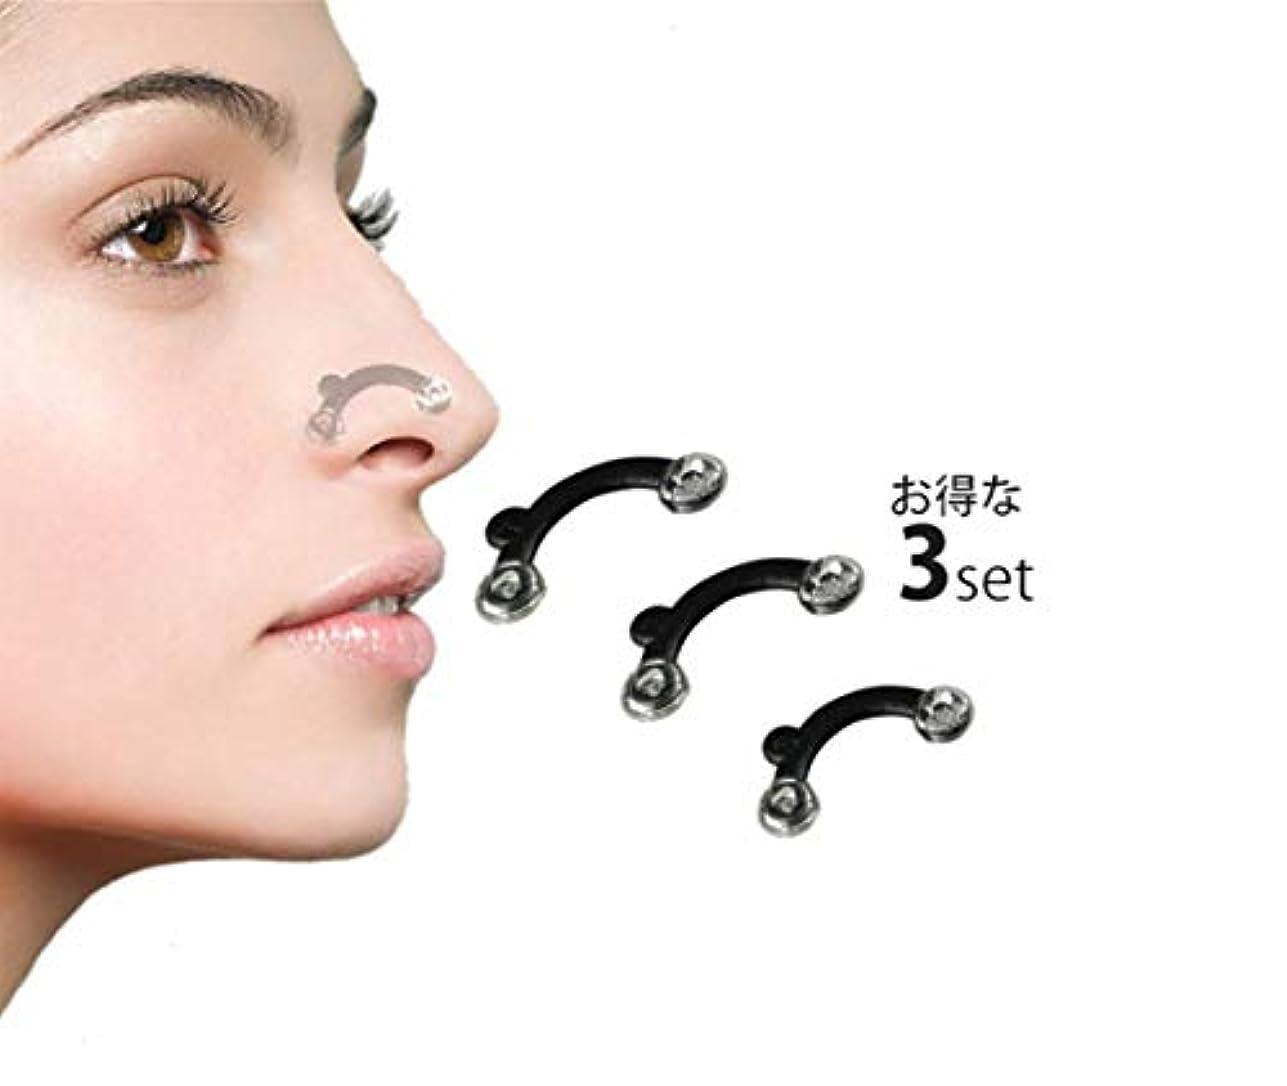 最愛のスクリュー物語YONGOTEN 美鼻プチ 鼻のアイプチ 矯正プチ 柔軟性高い 整形せず 痛くない 医療用 美容用 シリコン